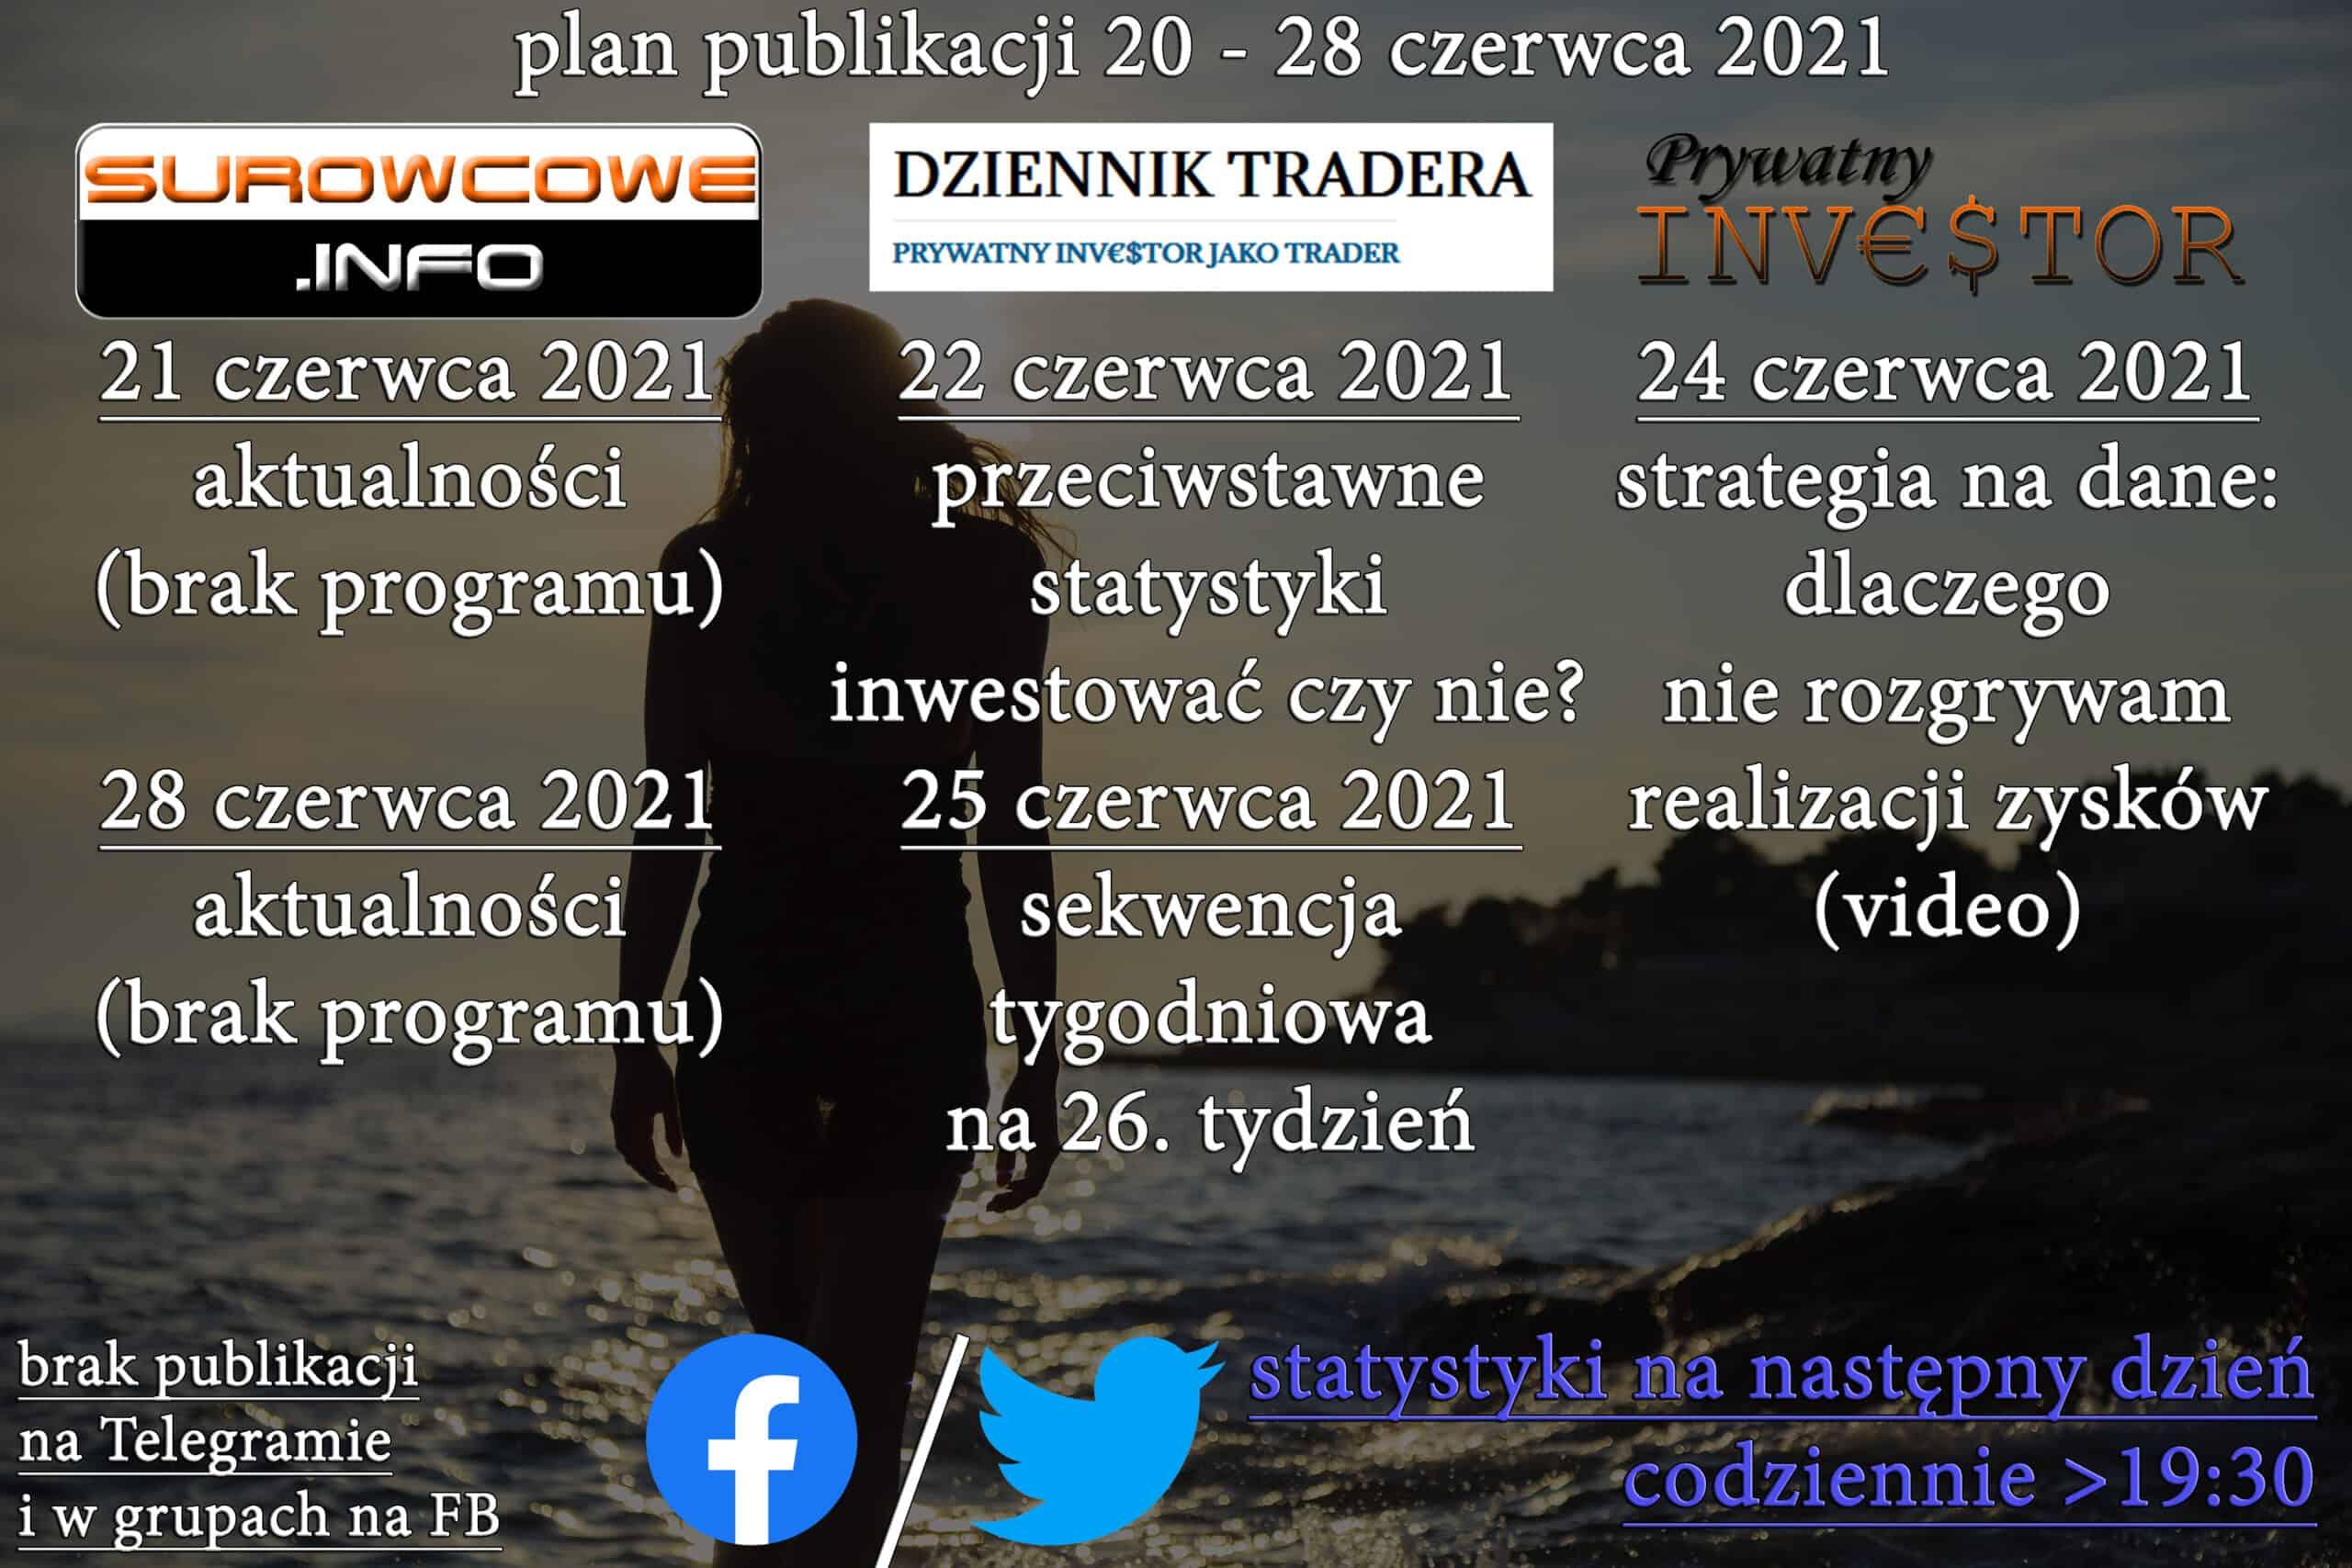 plan publikacji 20 - 28 czerwca 2021